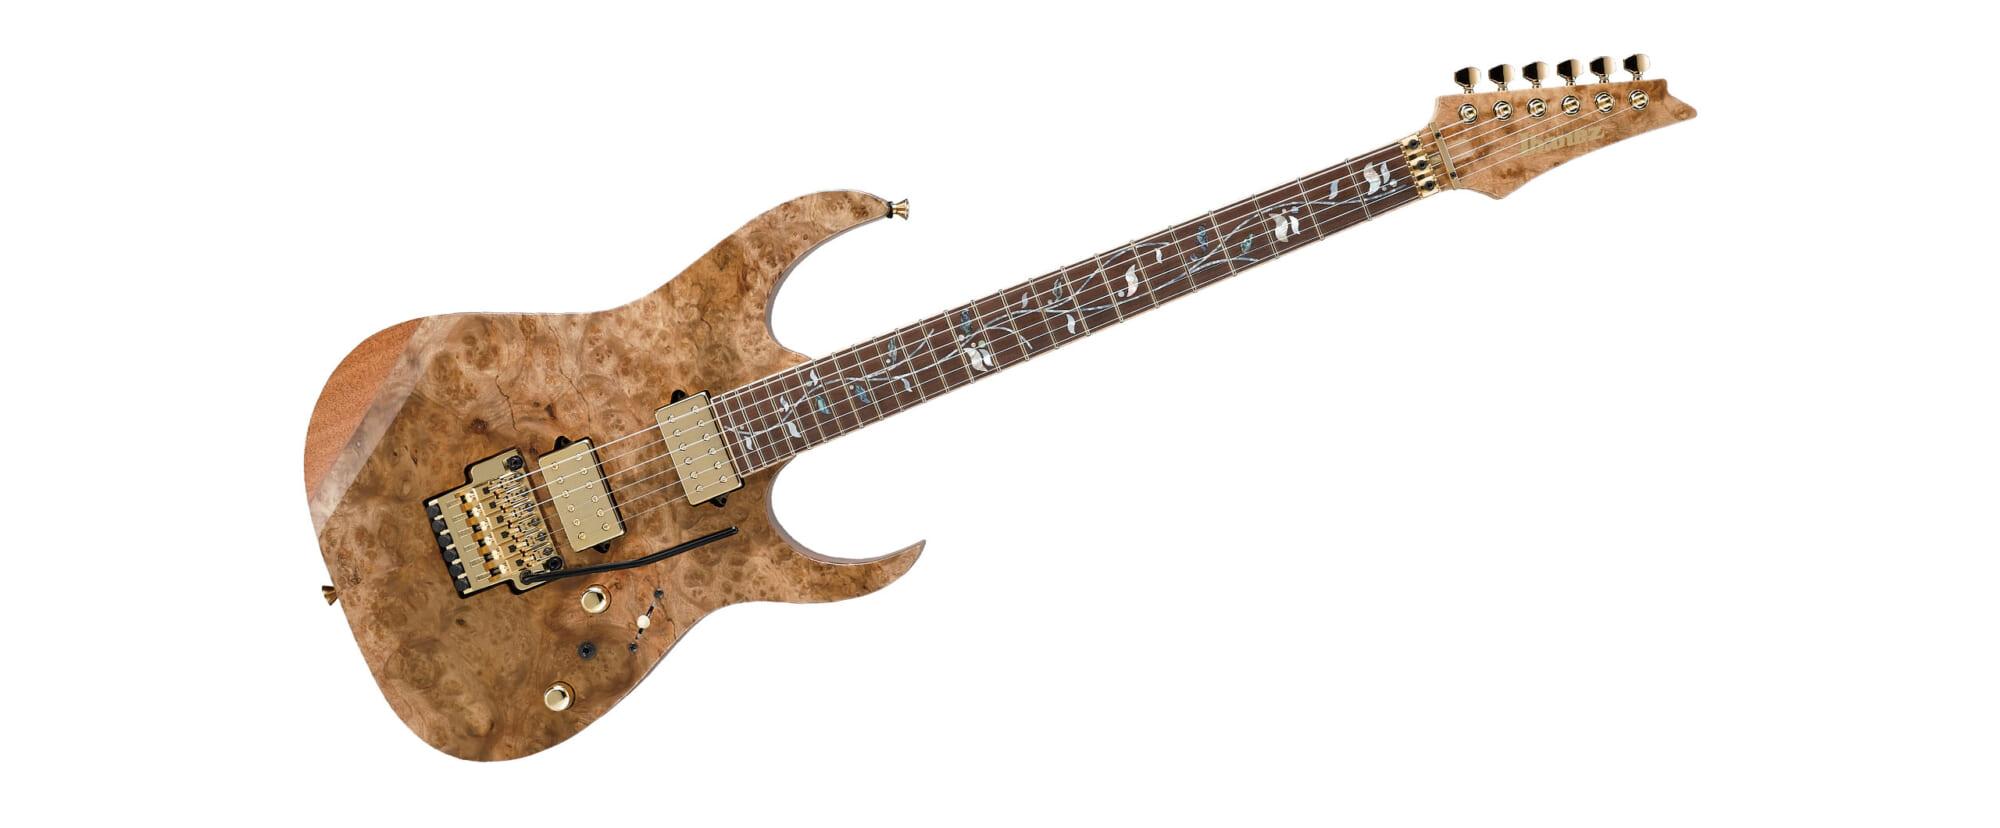 マーブル模様の杢目が豪華なアイバニーズの限定生産ギター